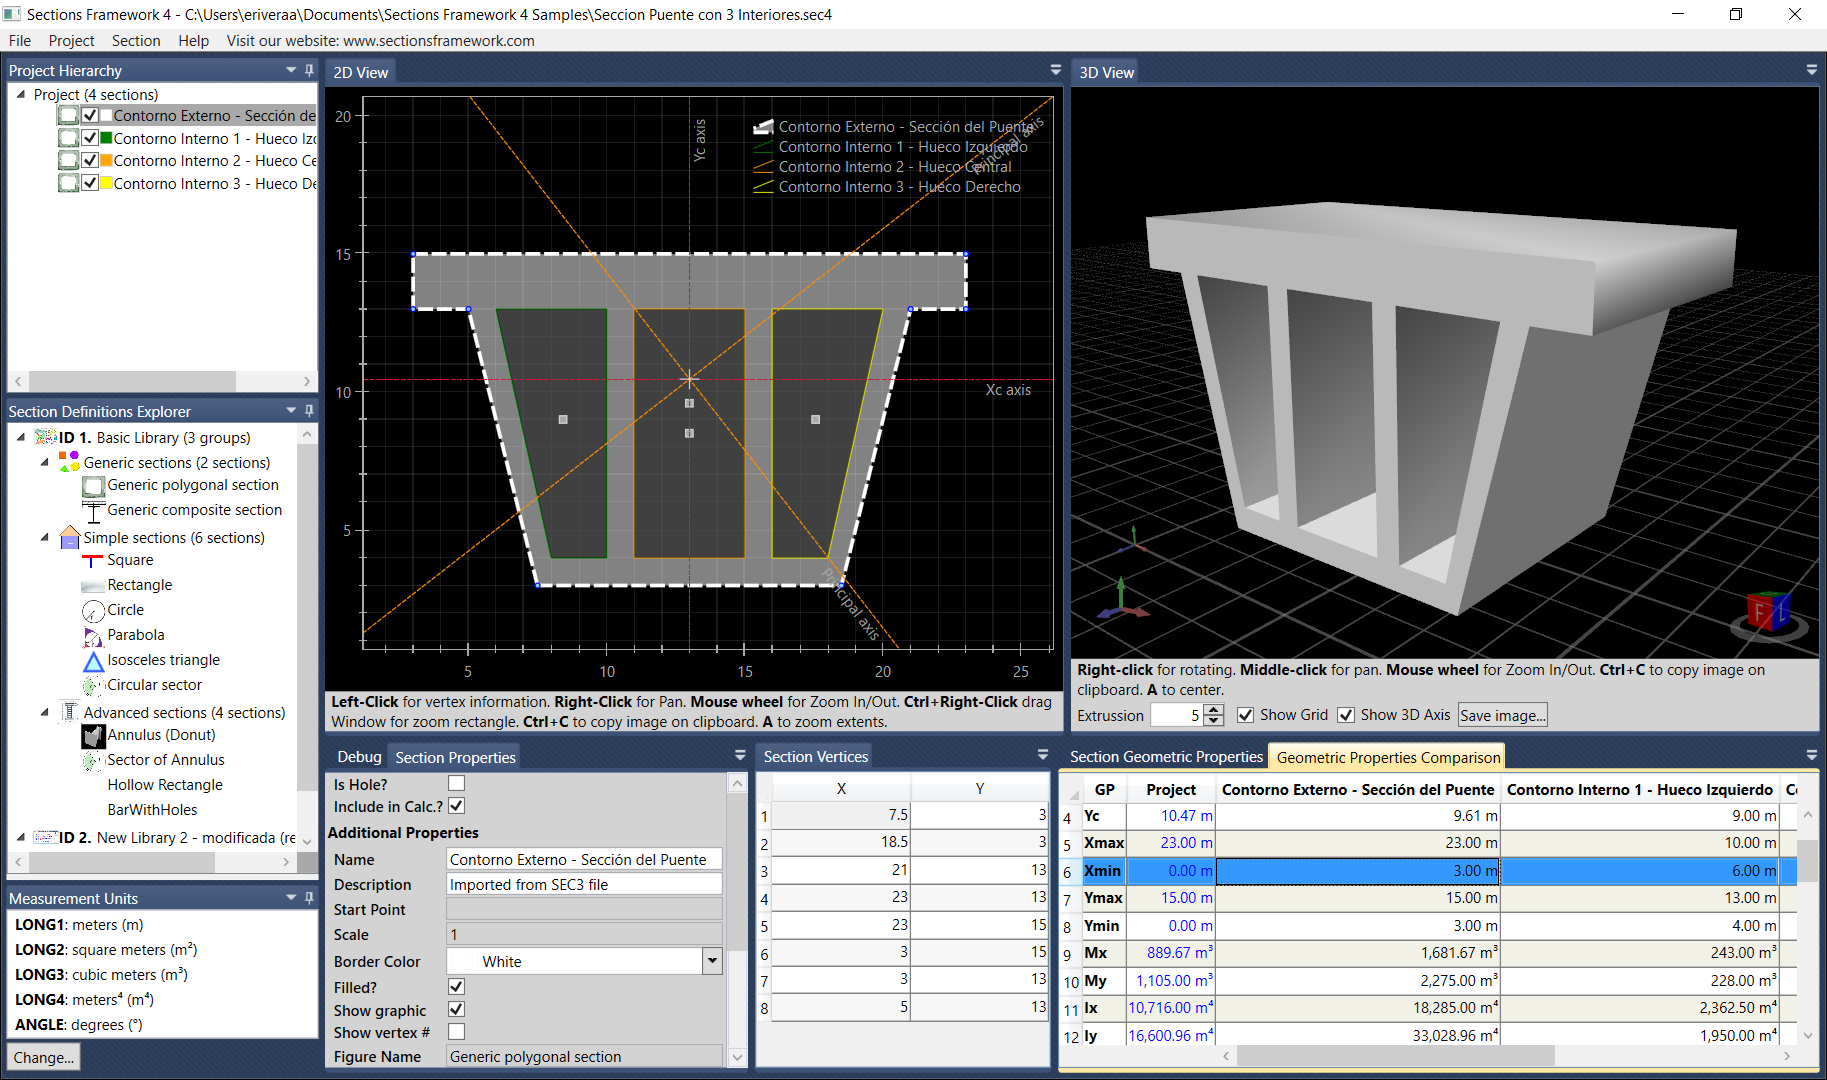 Software para calcular propiedades geométricas de secciones transversales y polígonos